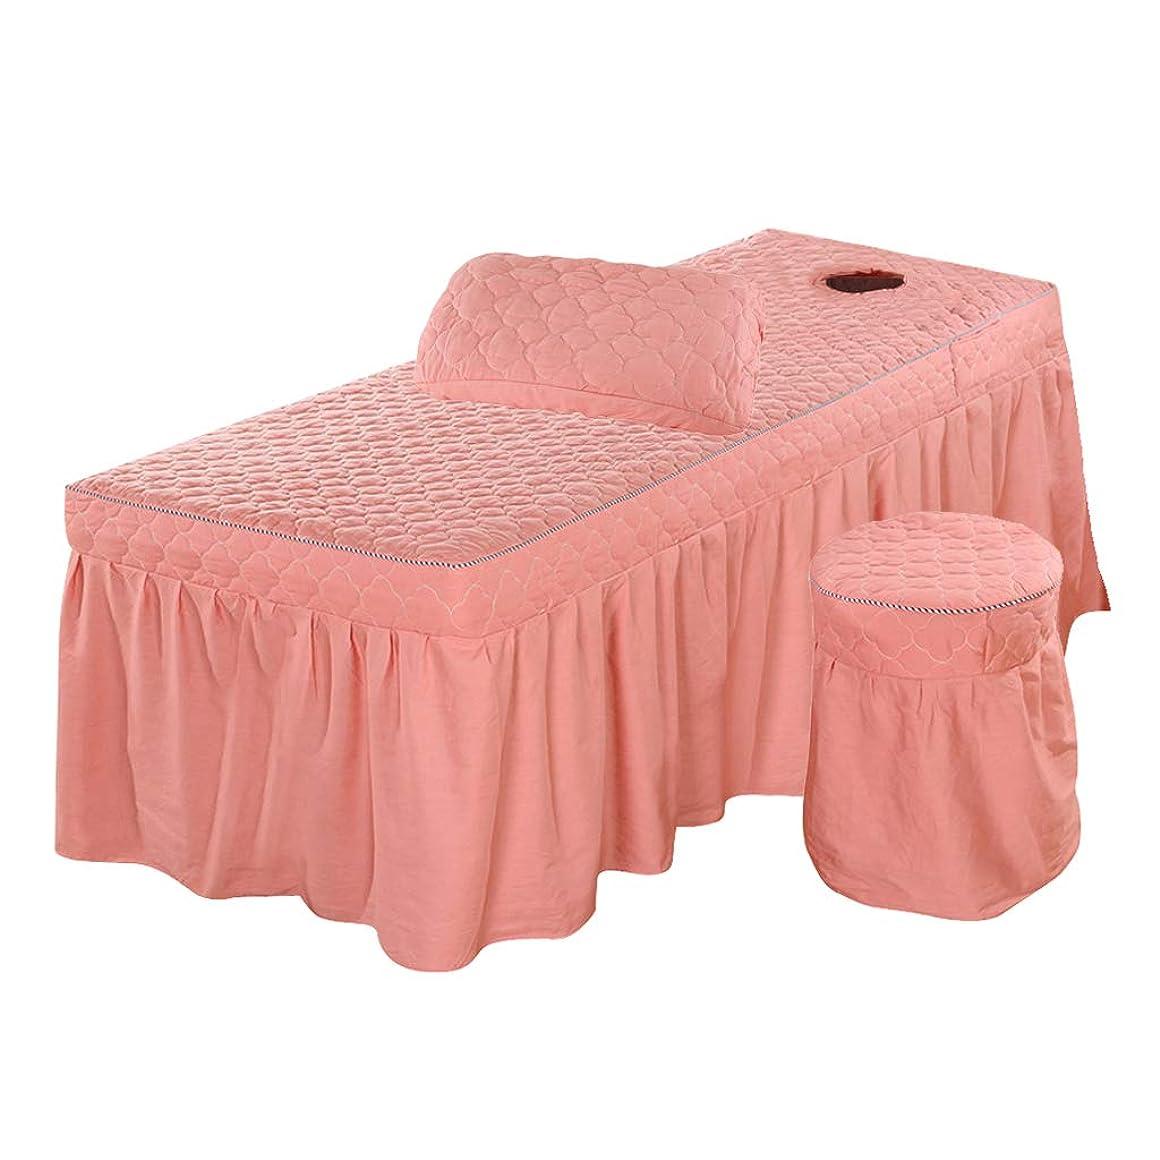 病者白い平日3点セット 美容ベッドスカート 有孔 スツールカバー 枕カバー付き 通気性 - ピンク